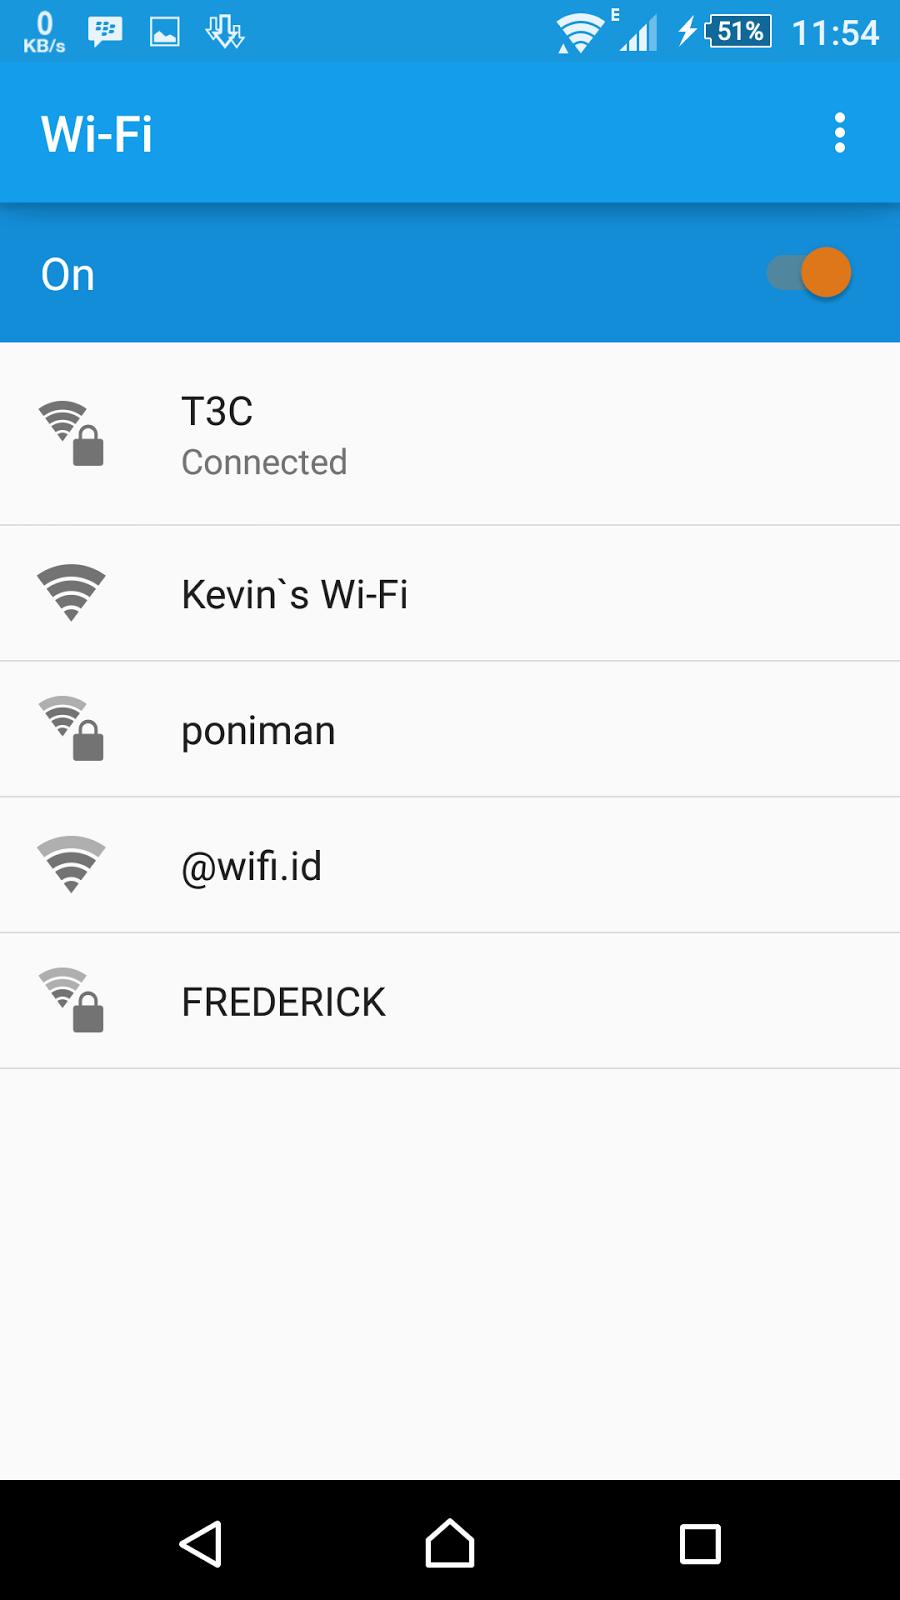 ВЗЛОМ WiFi паролей iOS, Android, Windows - TheVDshow ...